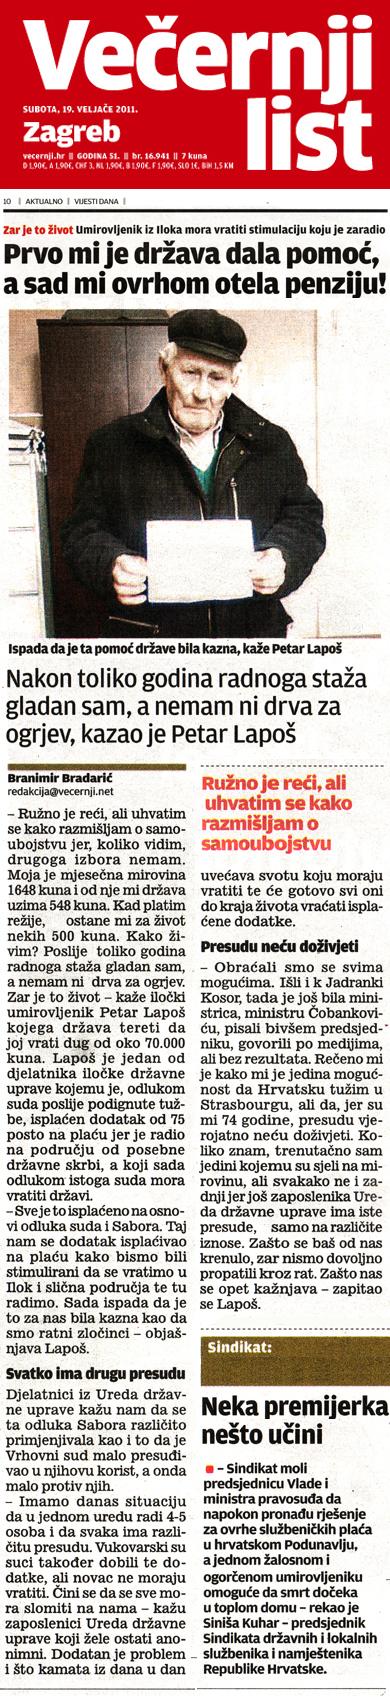 lapos_vl190211